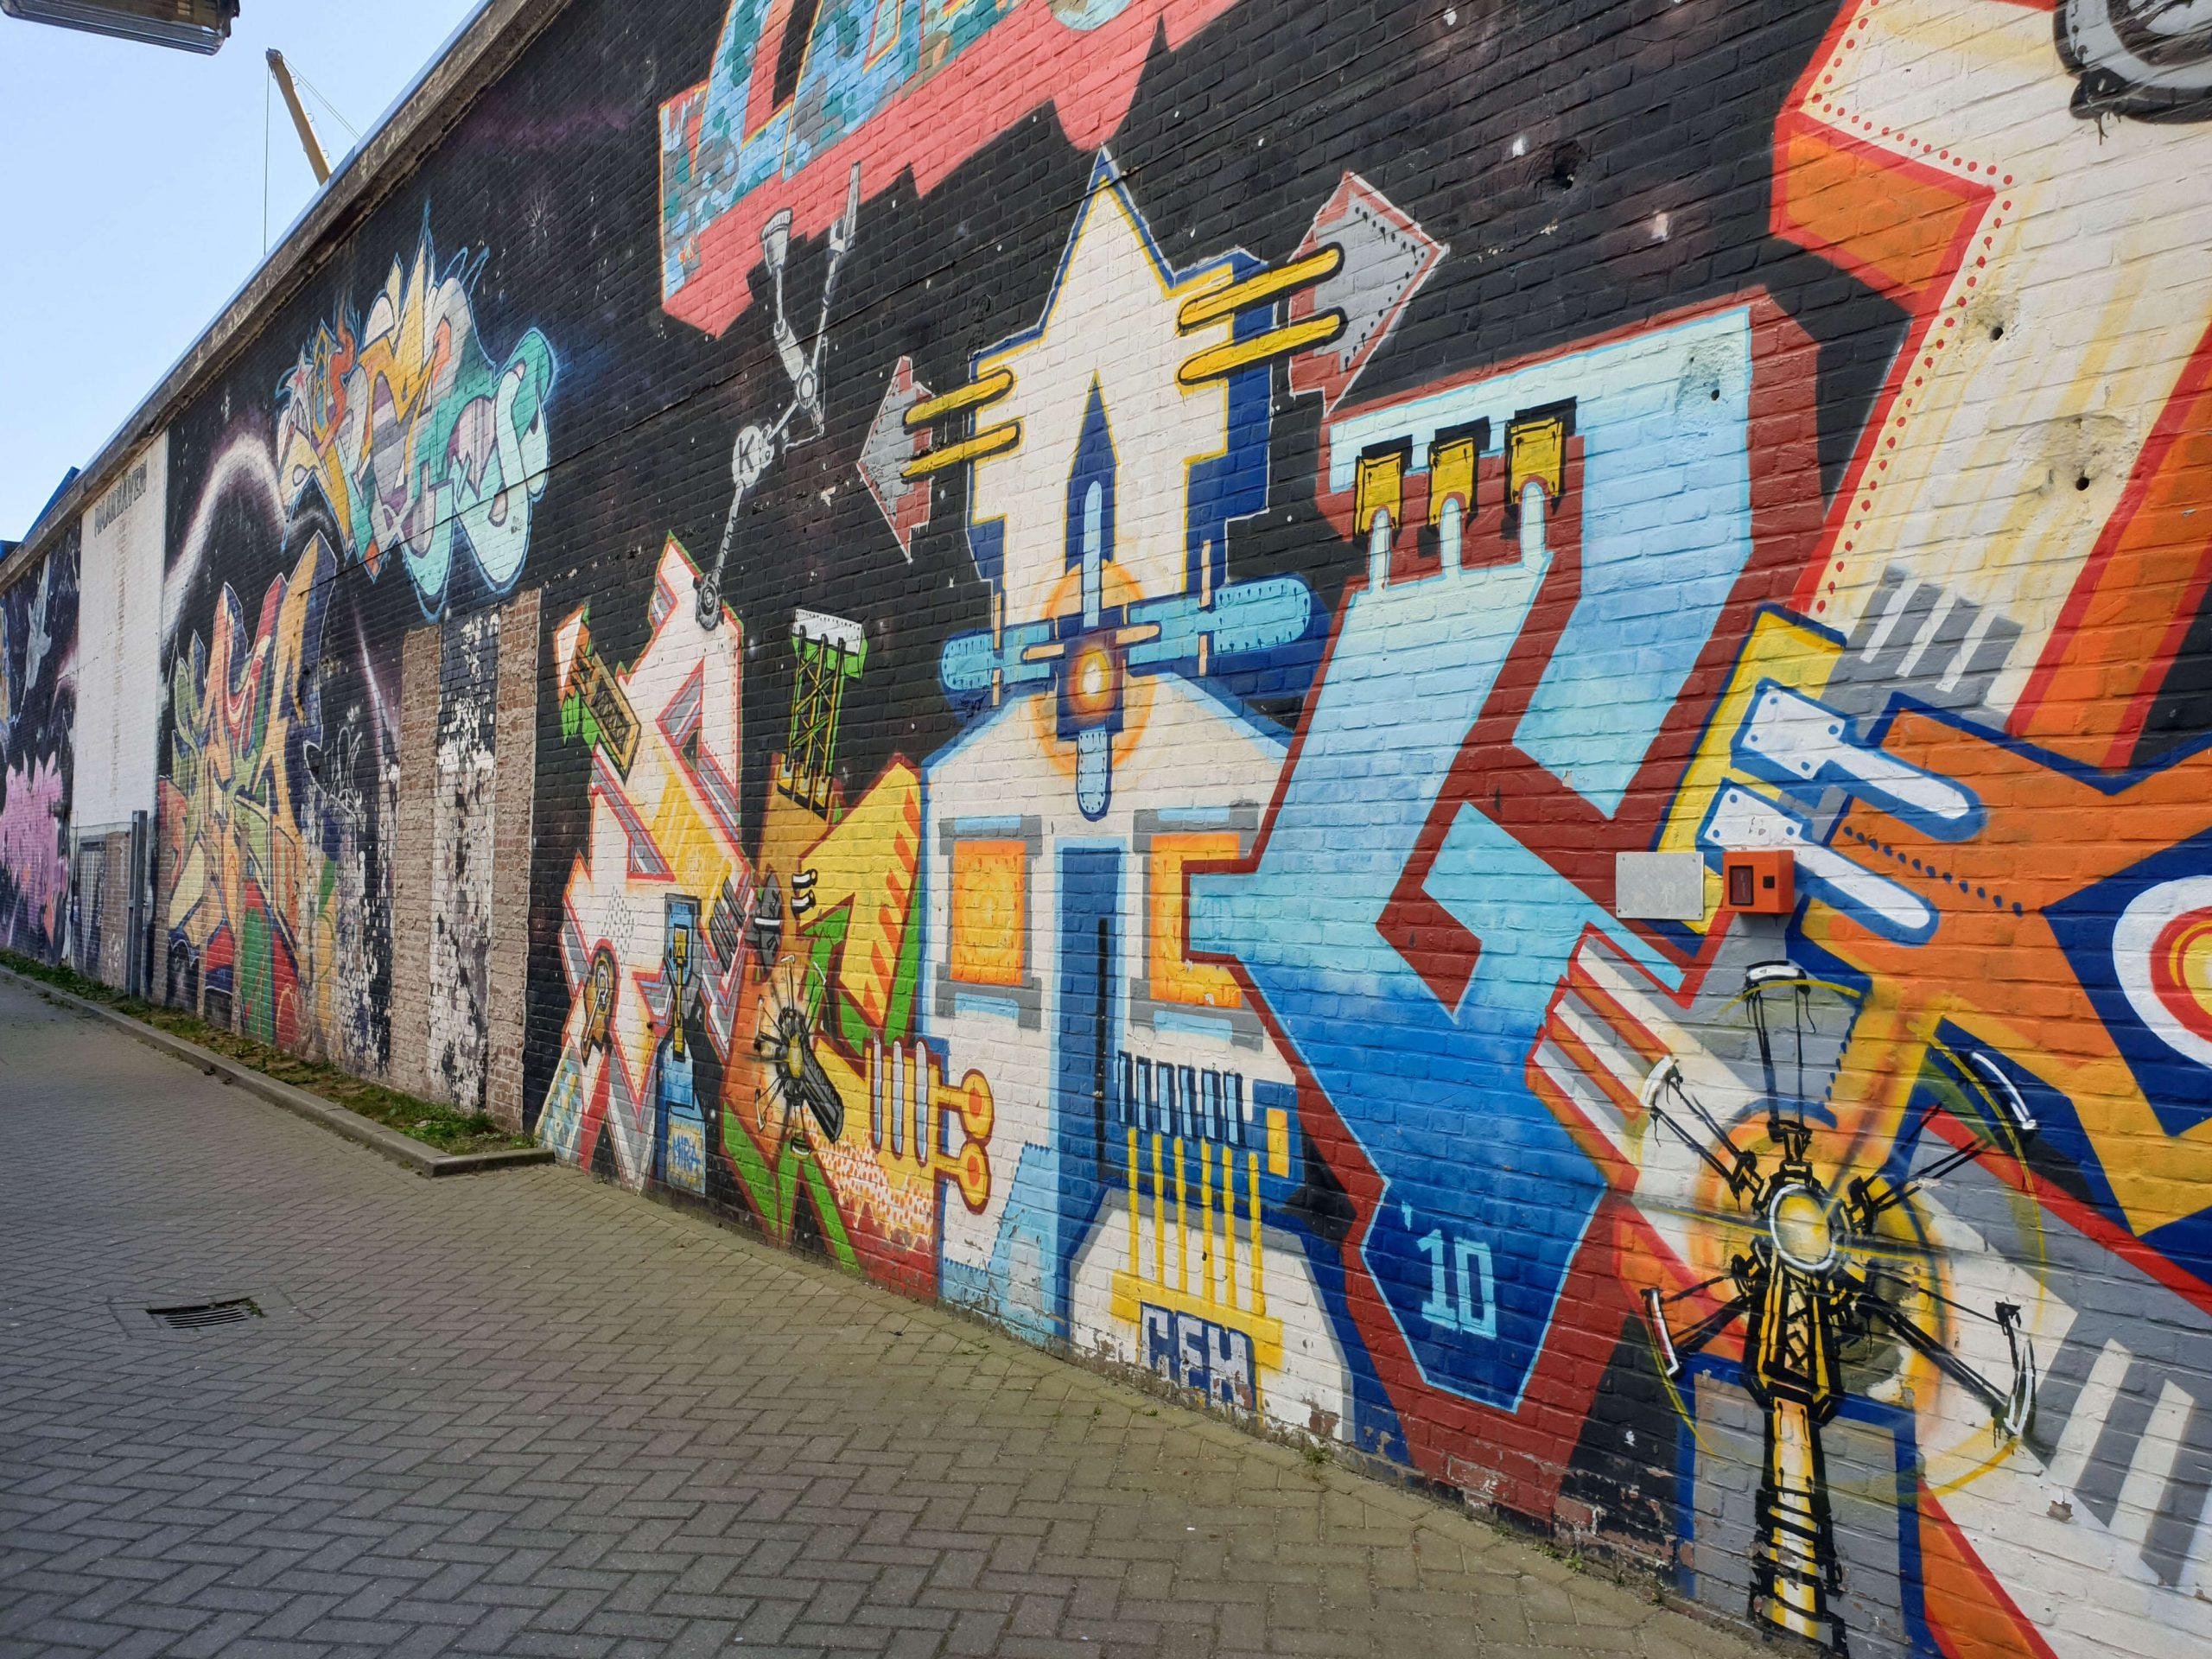 Street Art 1e Lulofsdwarsstraat - Den Haag